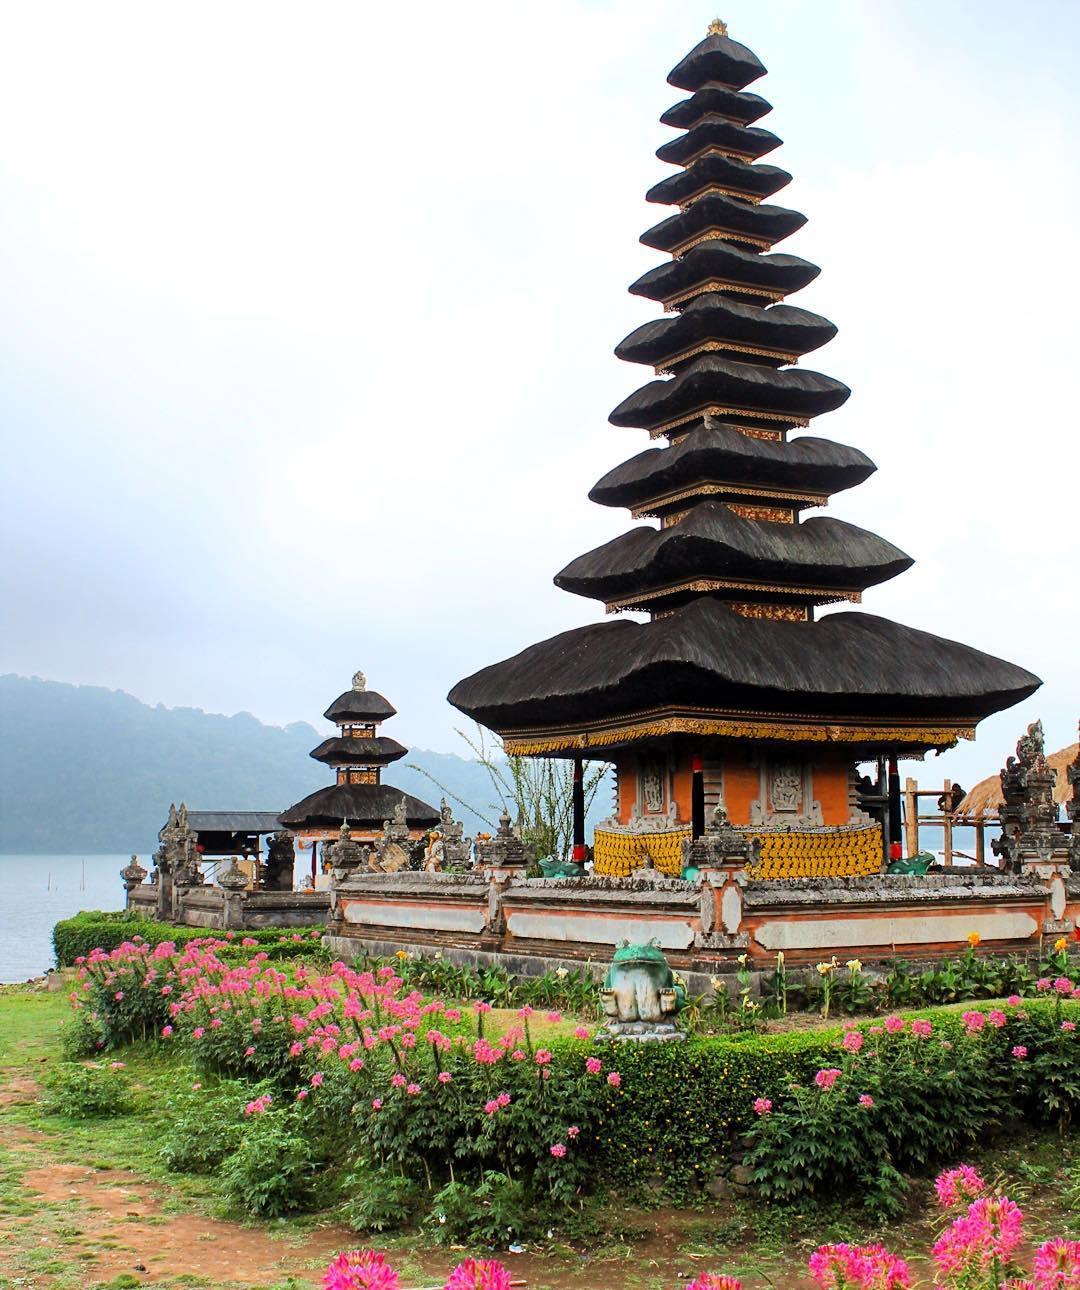 Ingin Liburan Berkunjung Ke Pura Terkenal Di Bali